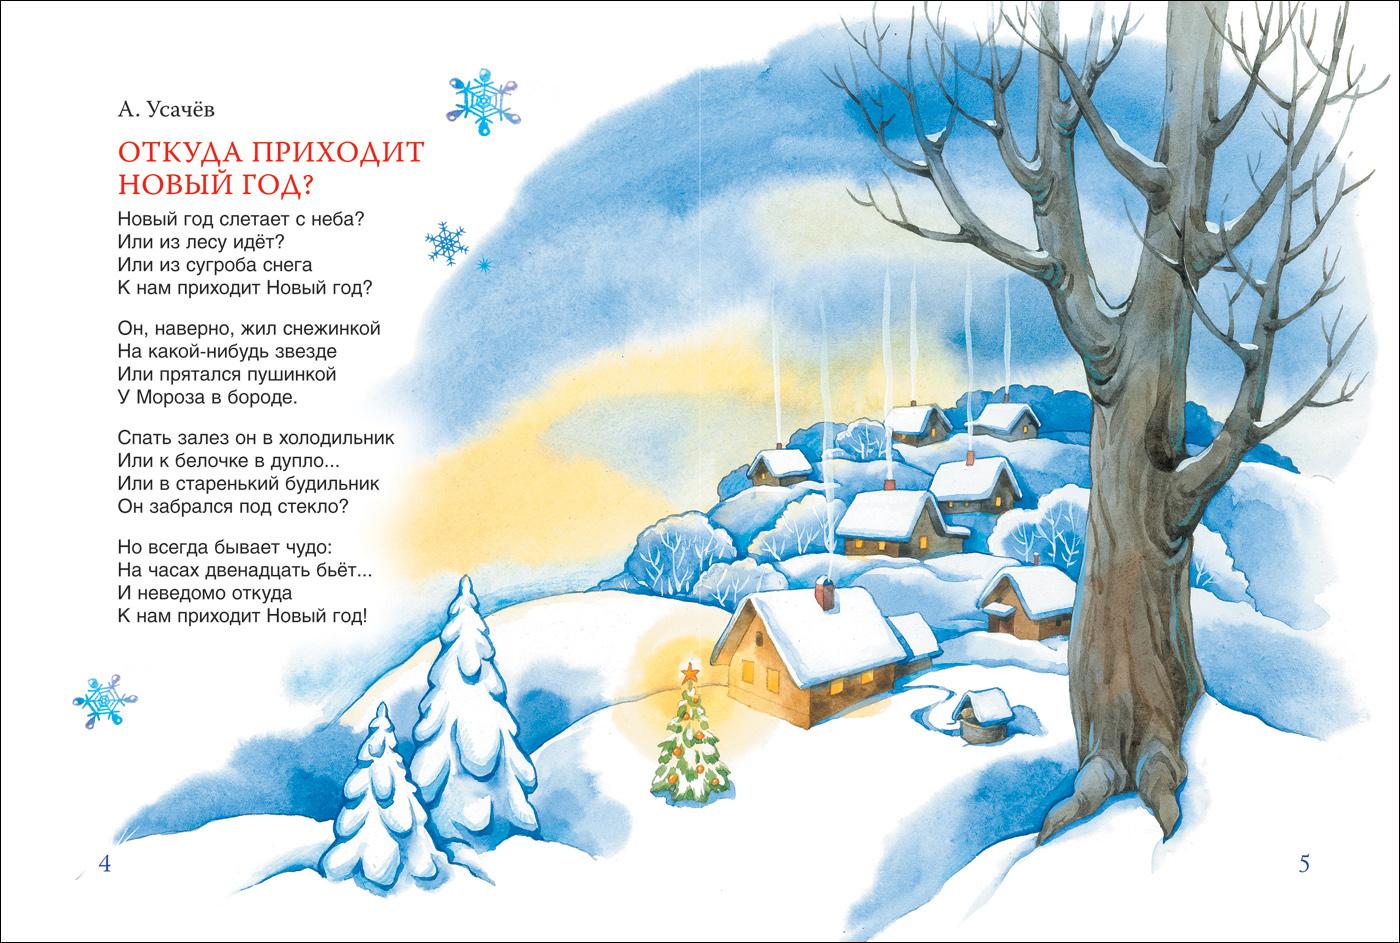 зимние новогодние стихи классиков природа примеси